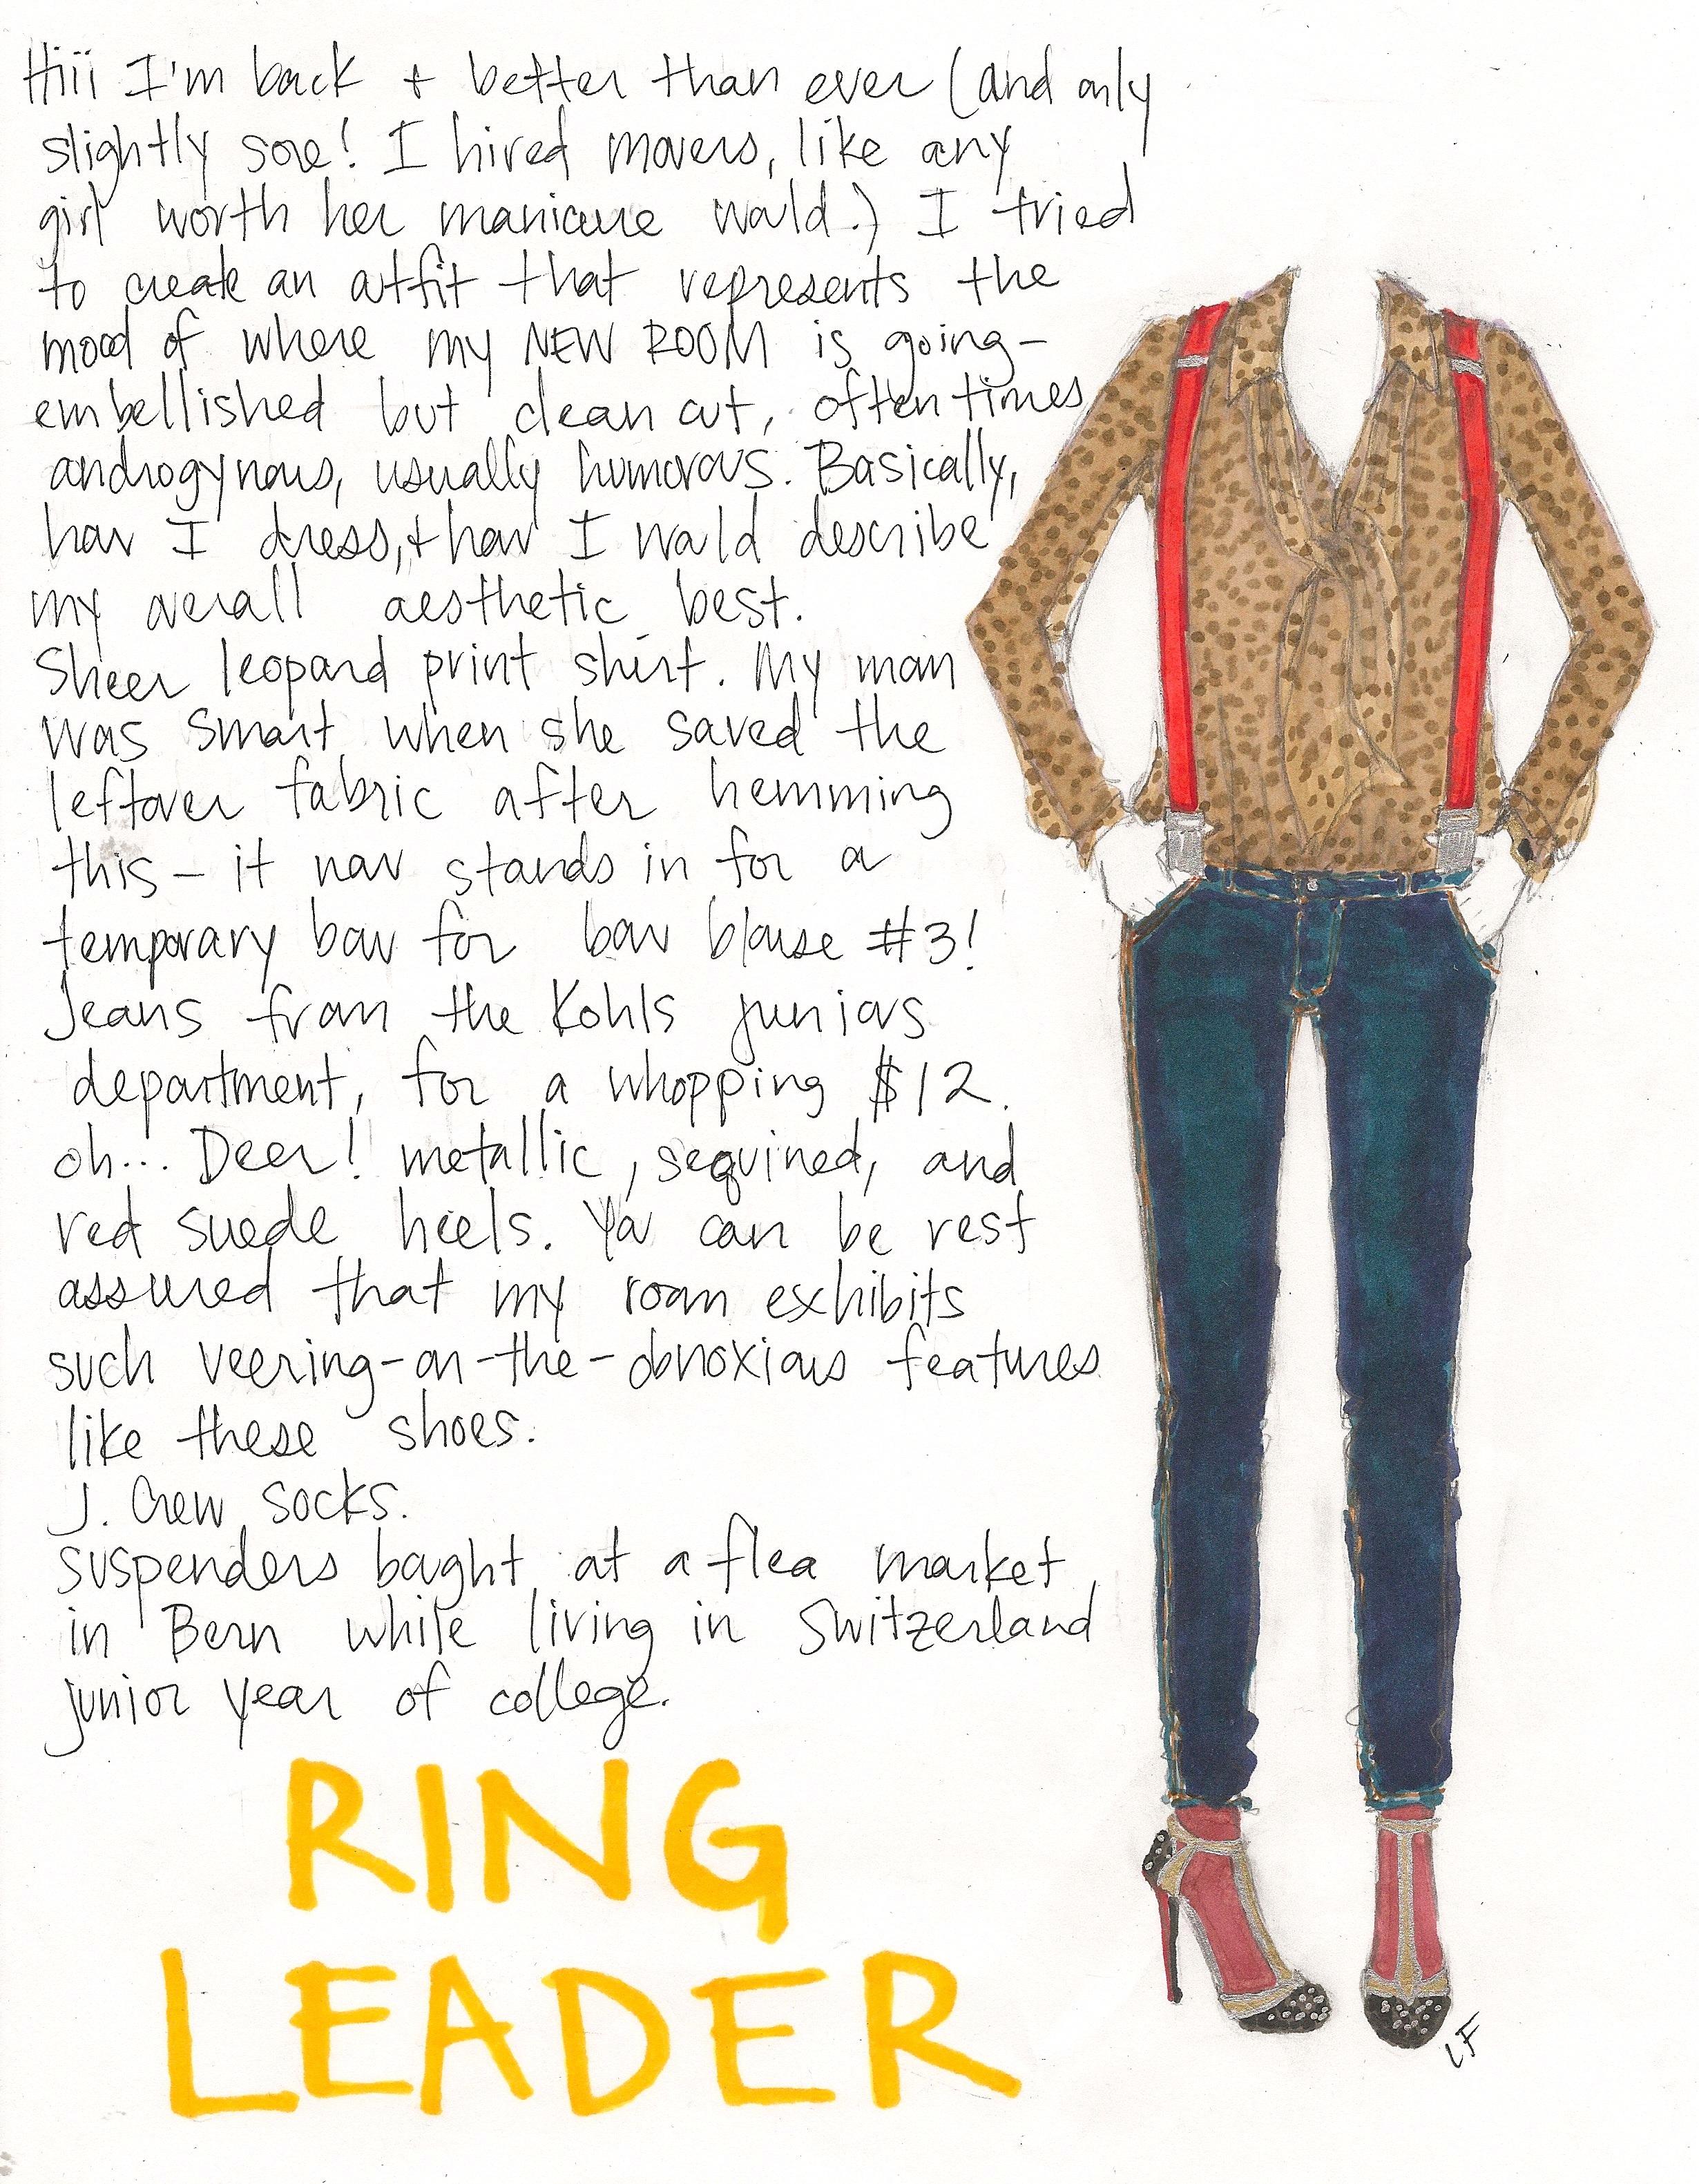 ringleader.jpg